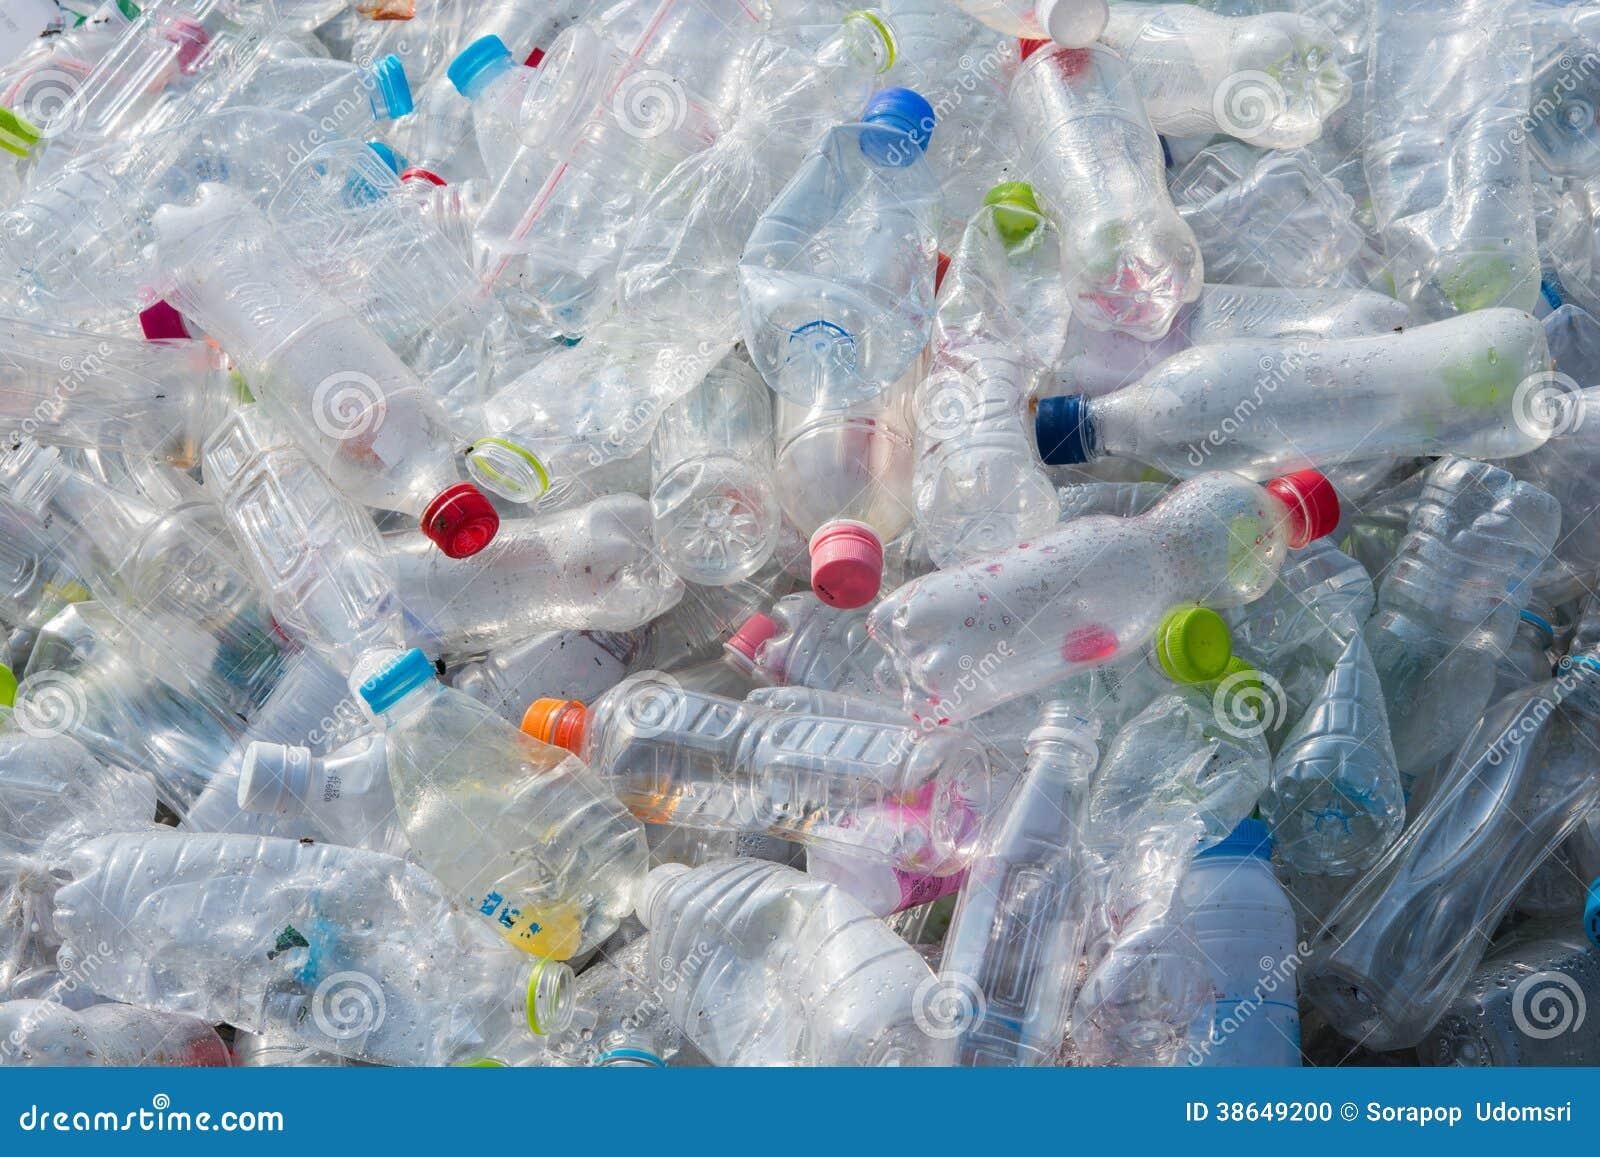 Återanvänd plast- vattenflaskor